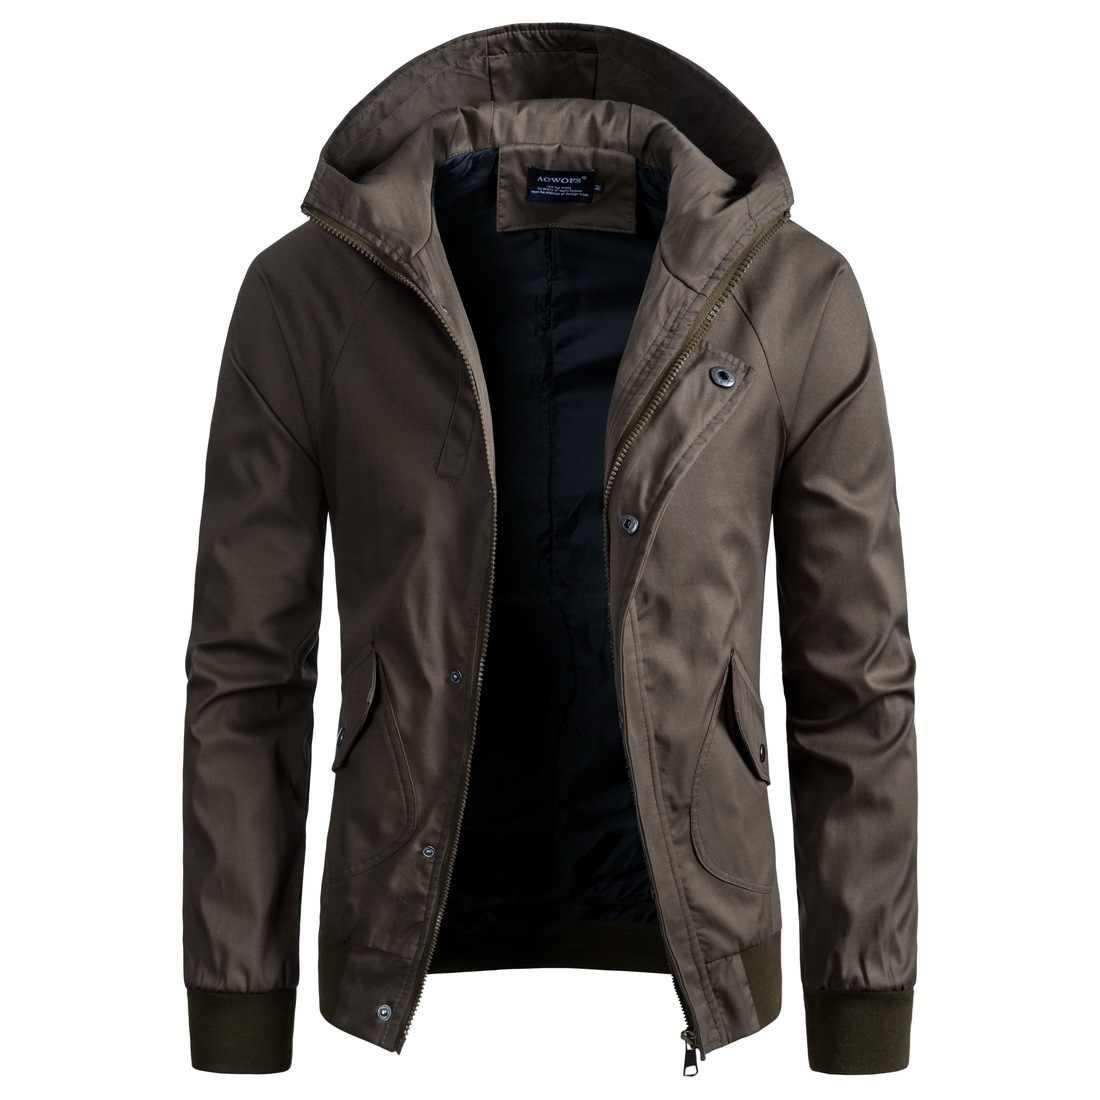 08f0885d526 Для мужчин Повседневное куртка с капюшоном пальто осень-зима Мужская мода  промывают ветровка Брендовая верхняя